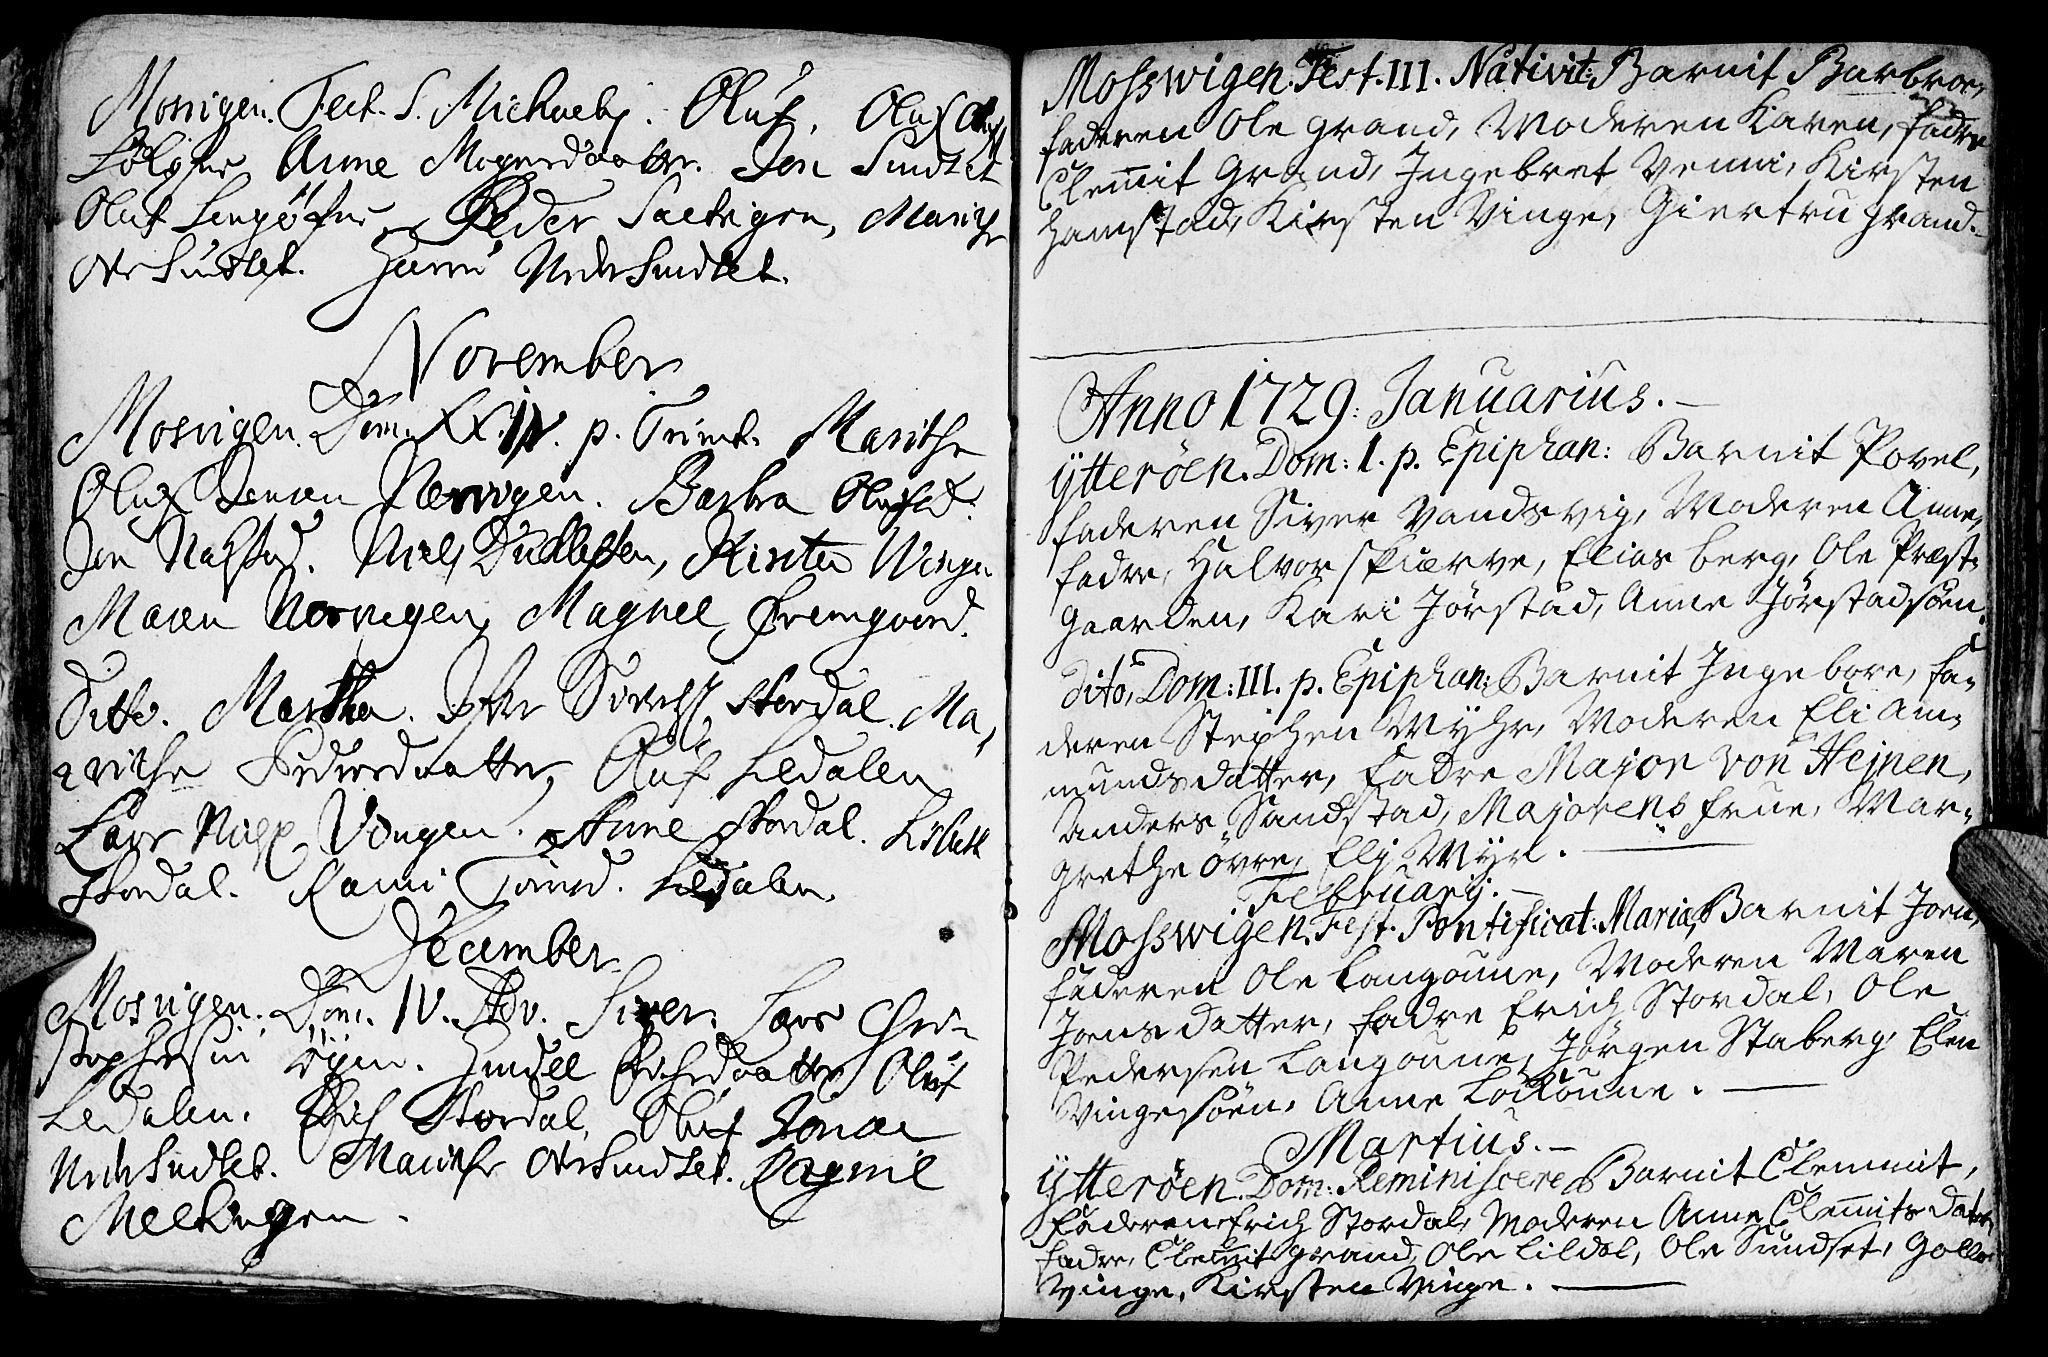 SAT, Ministerialprotokoller, klokkerbøker og fødselsregistre - Nord-Trøndelag, 722/L0215: Ministerialbok nr. 722A02, 1718-1755, s. 33